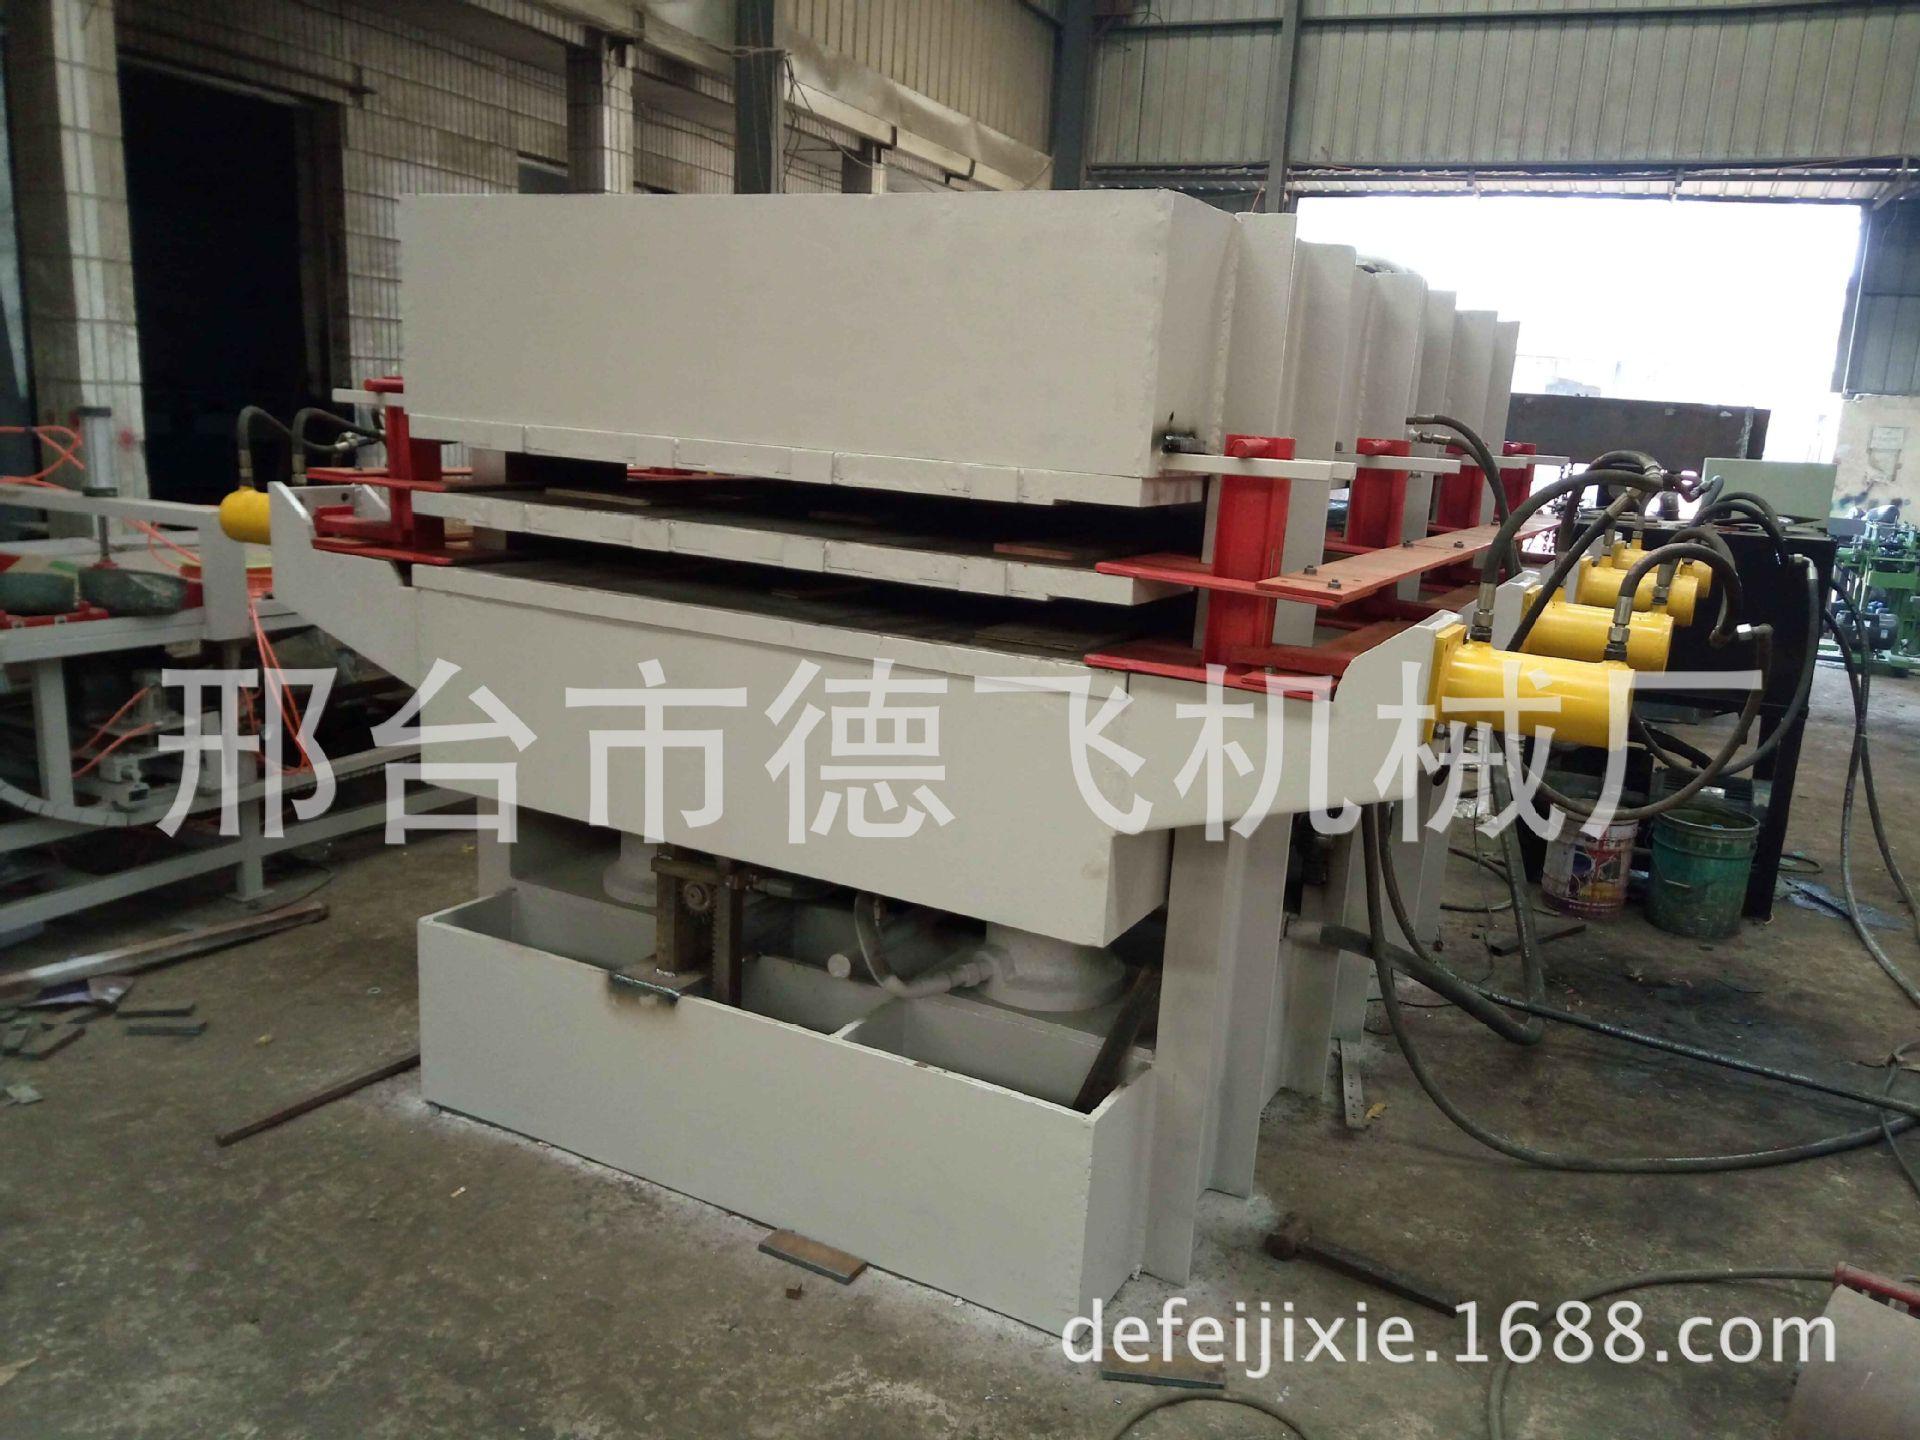 木板热压机 双层热压机厂家 用的热压机 河北热压机